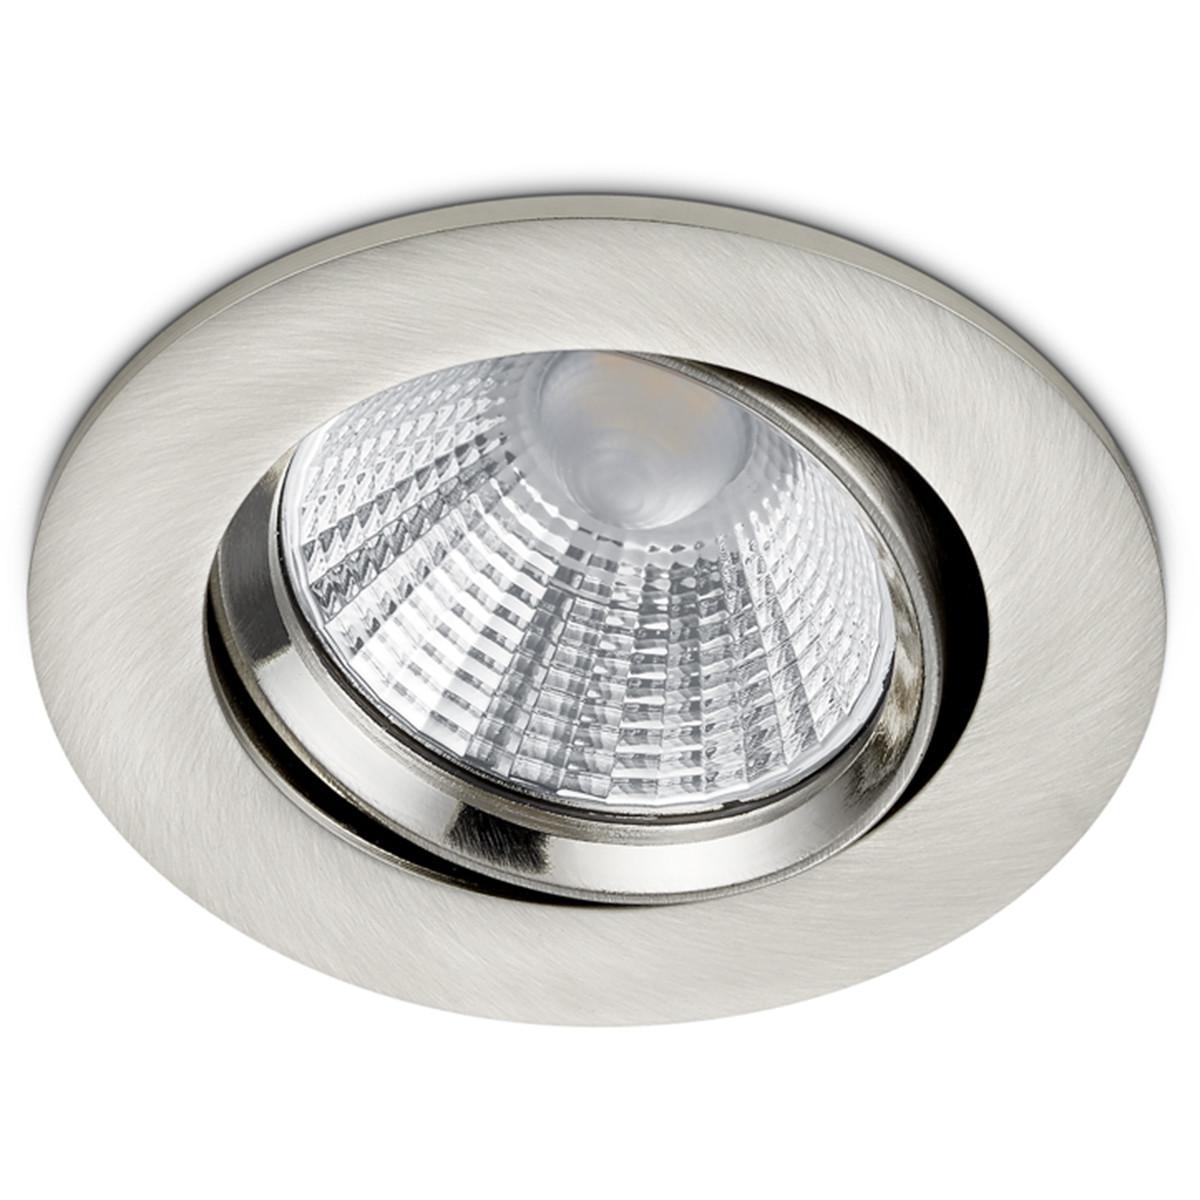 LED Spot - Inbouwspot - Trion Paniro - Rond 5W - Dimbaar - Warm Wit 3000K - Mat Nikkel - Aluminium - Ø80mm